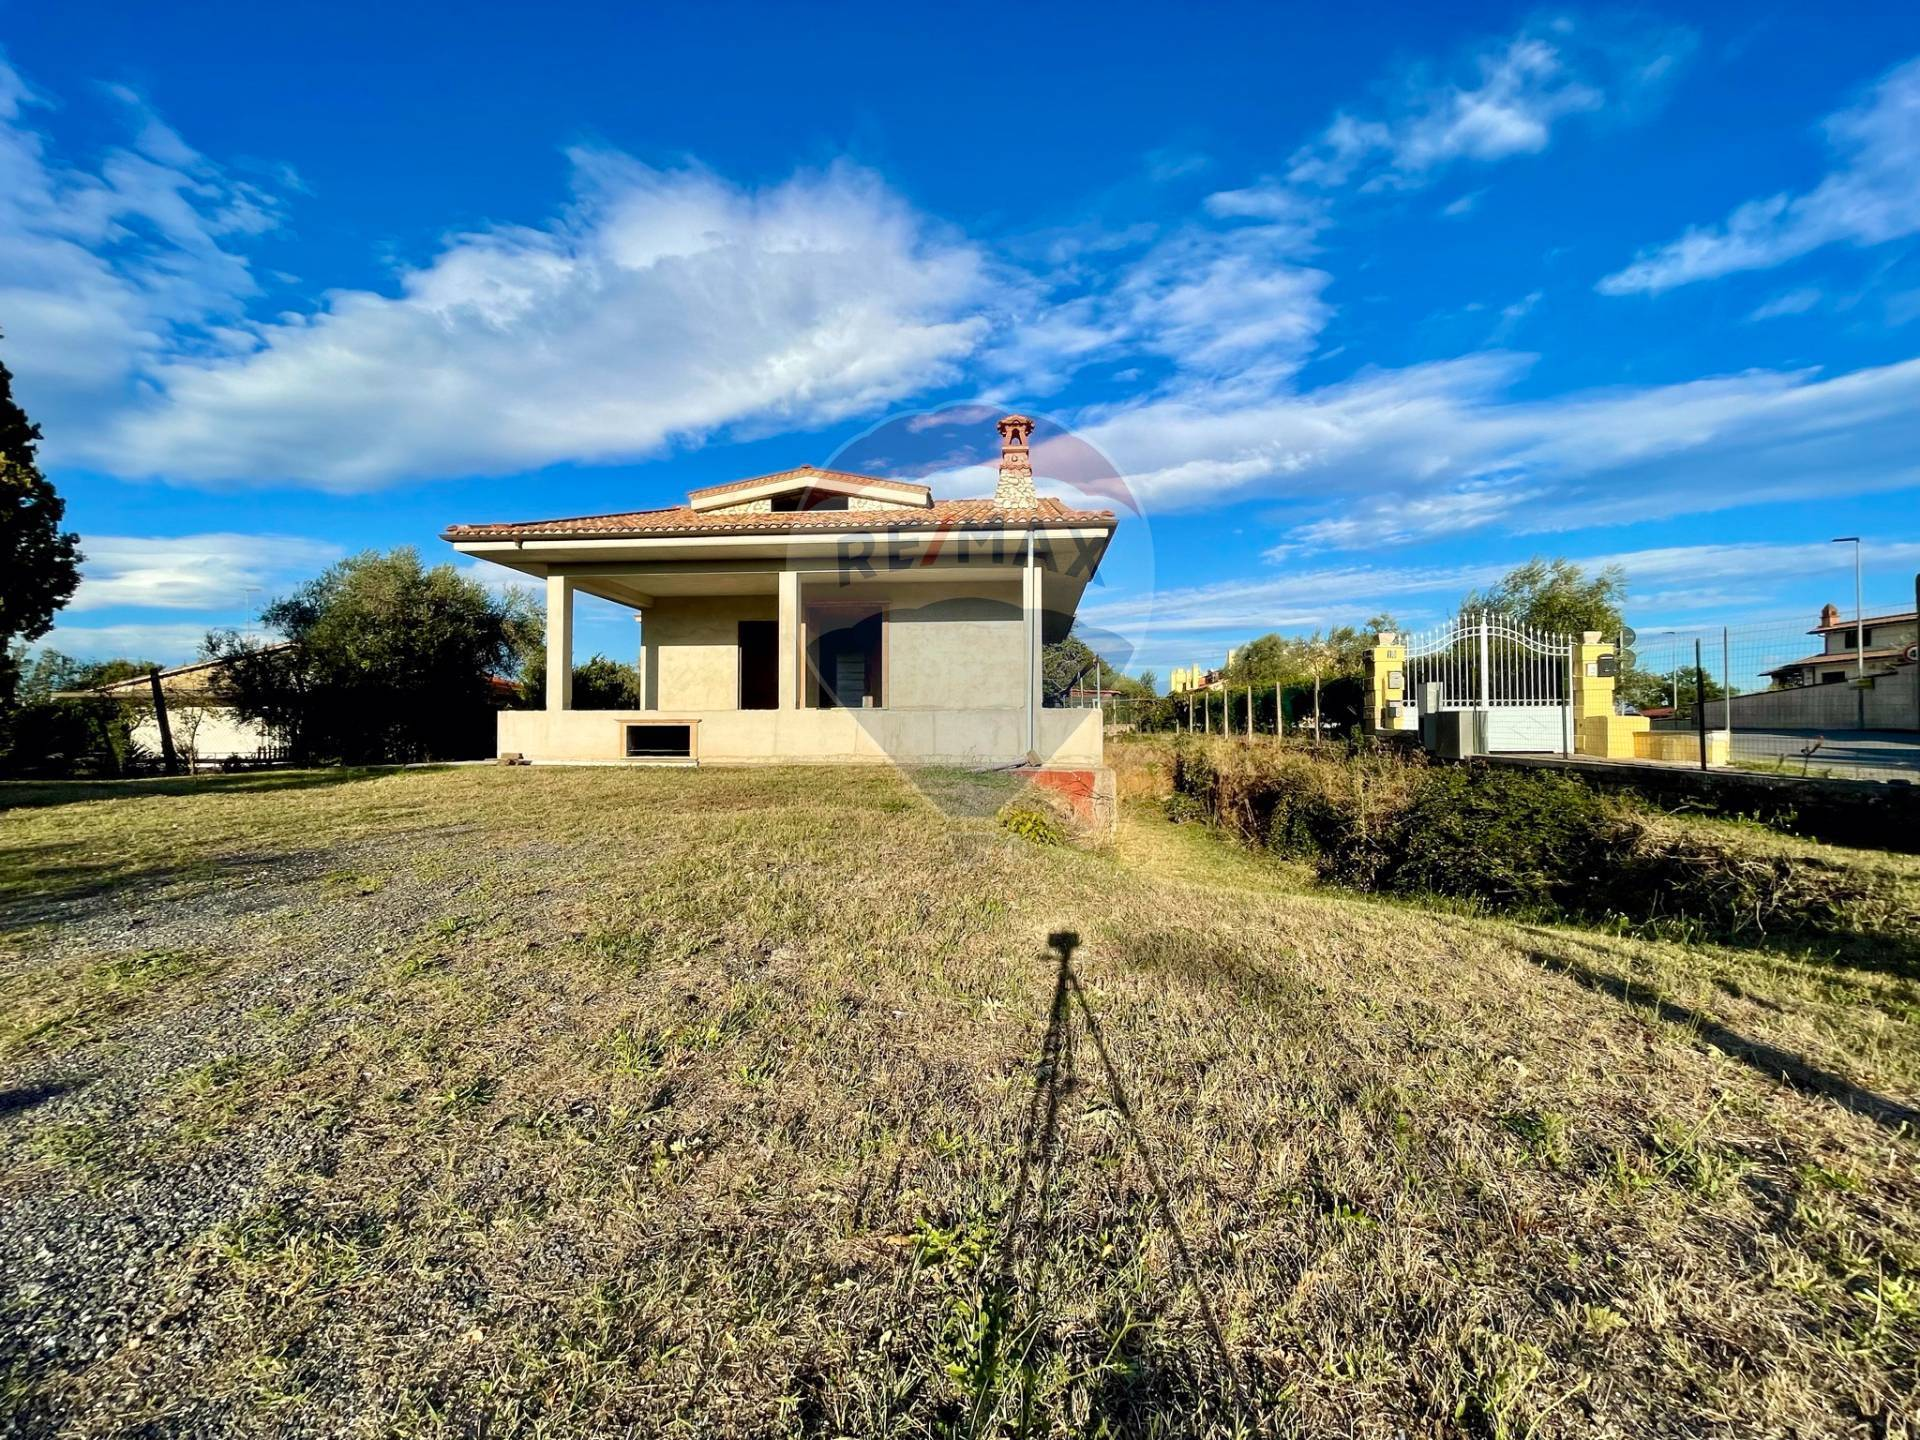 Rustico / Casale in vendita a Riano, 4 locali, prezzo € 305.000 | CambioCasa.it